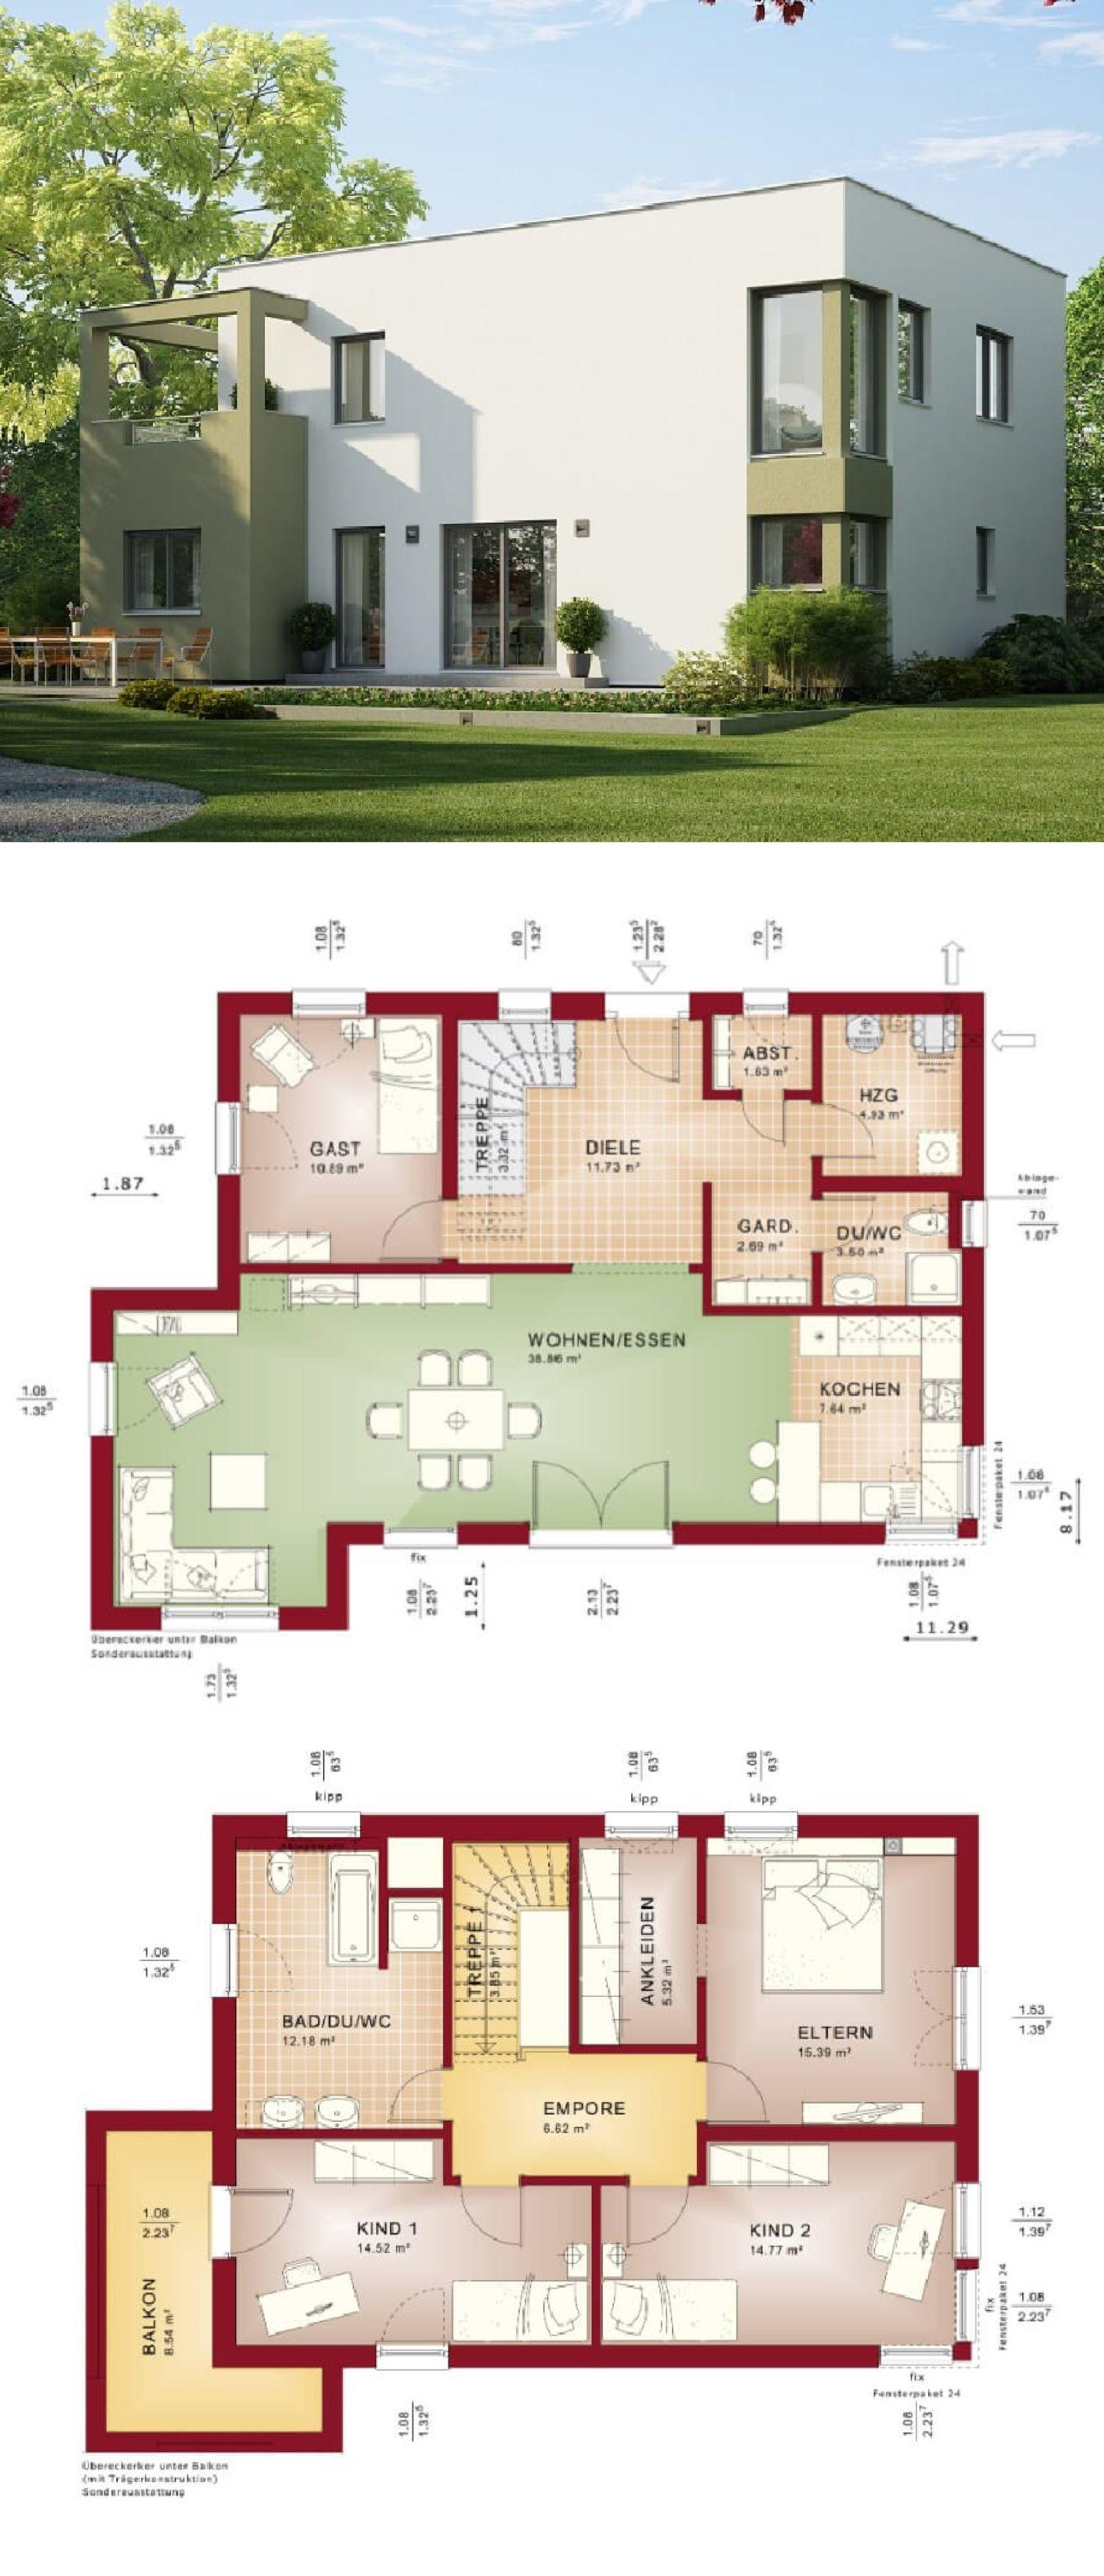 Einfamilienhaus mit Bauhaus Architektur - Haus Evolution 148 V8 Bien ...